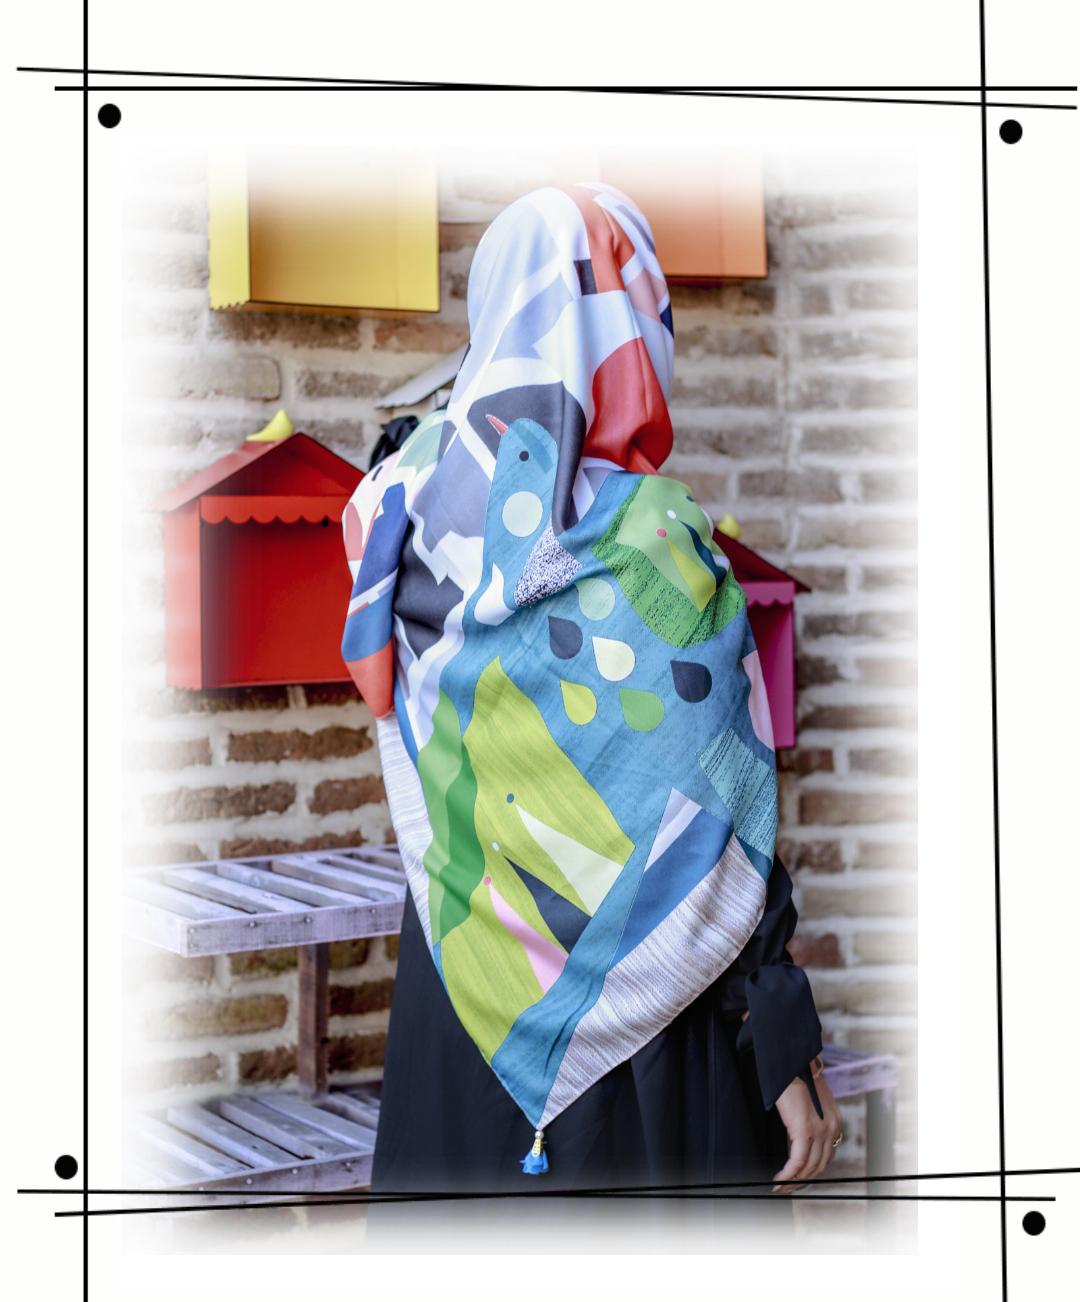 روسری مه دخت با طراحی زیبا و خاص